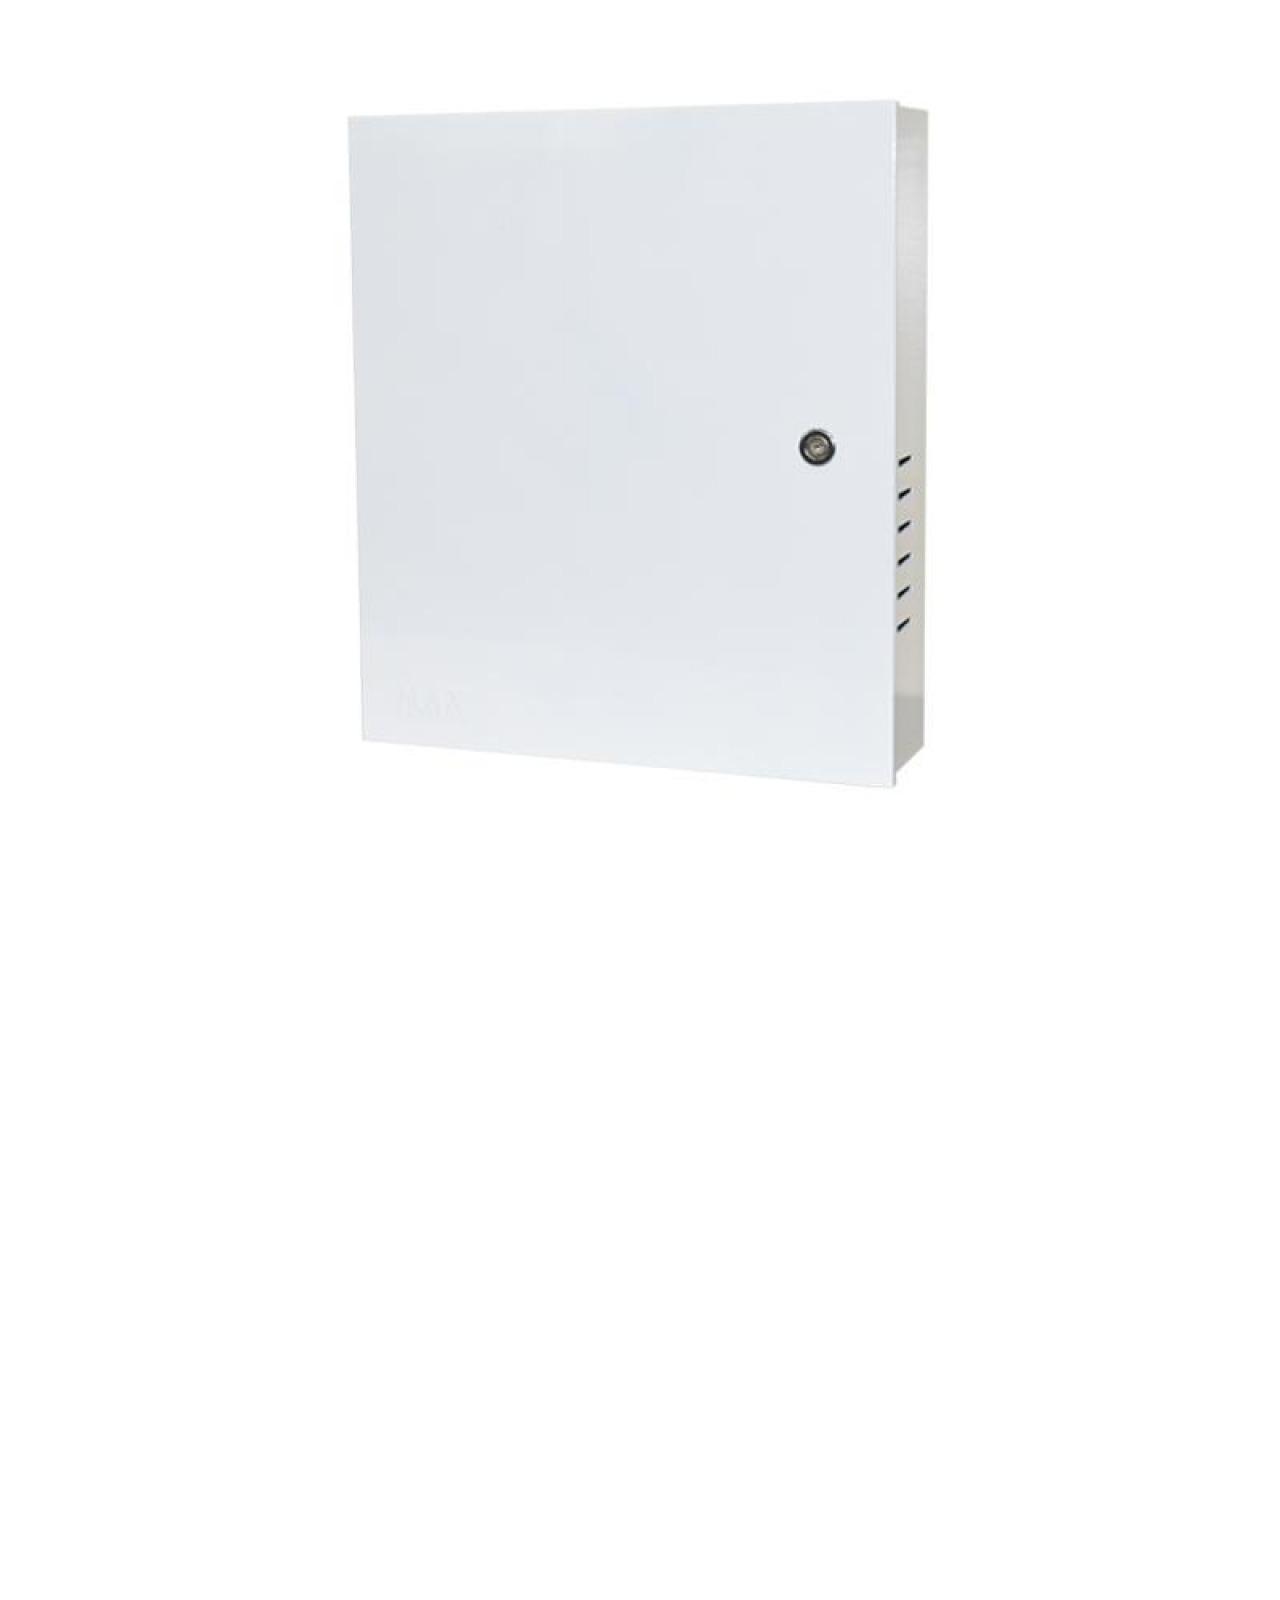 CAIXA METALICA PARA DVR 350X400X108MM MAX ELETRON